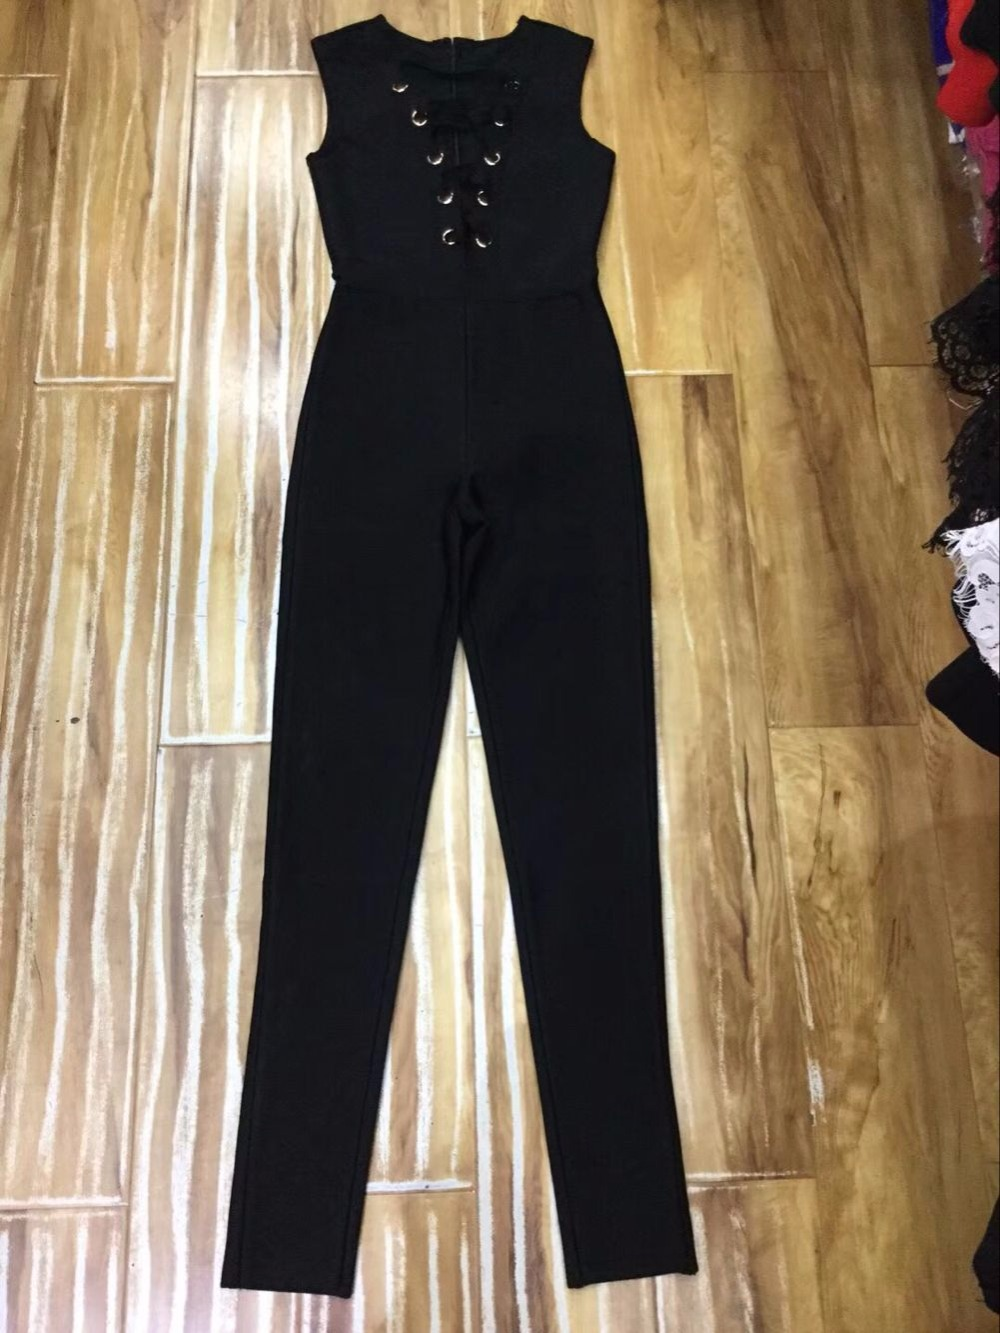 Manches Femmes 2018 Gros Bandage Mode Combinaisons Out Creux Haute Sans Qualité Élégant Sexy Noir EA0pBx8qWw